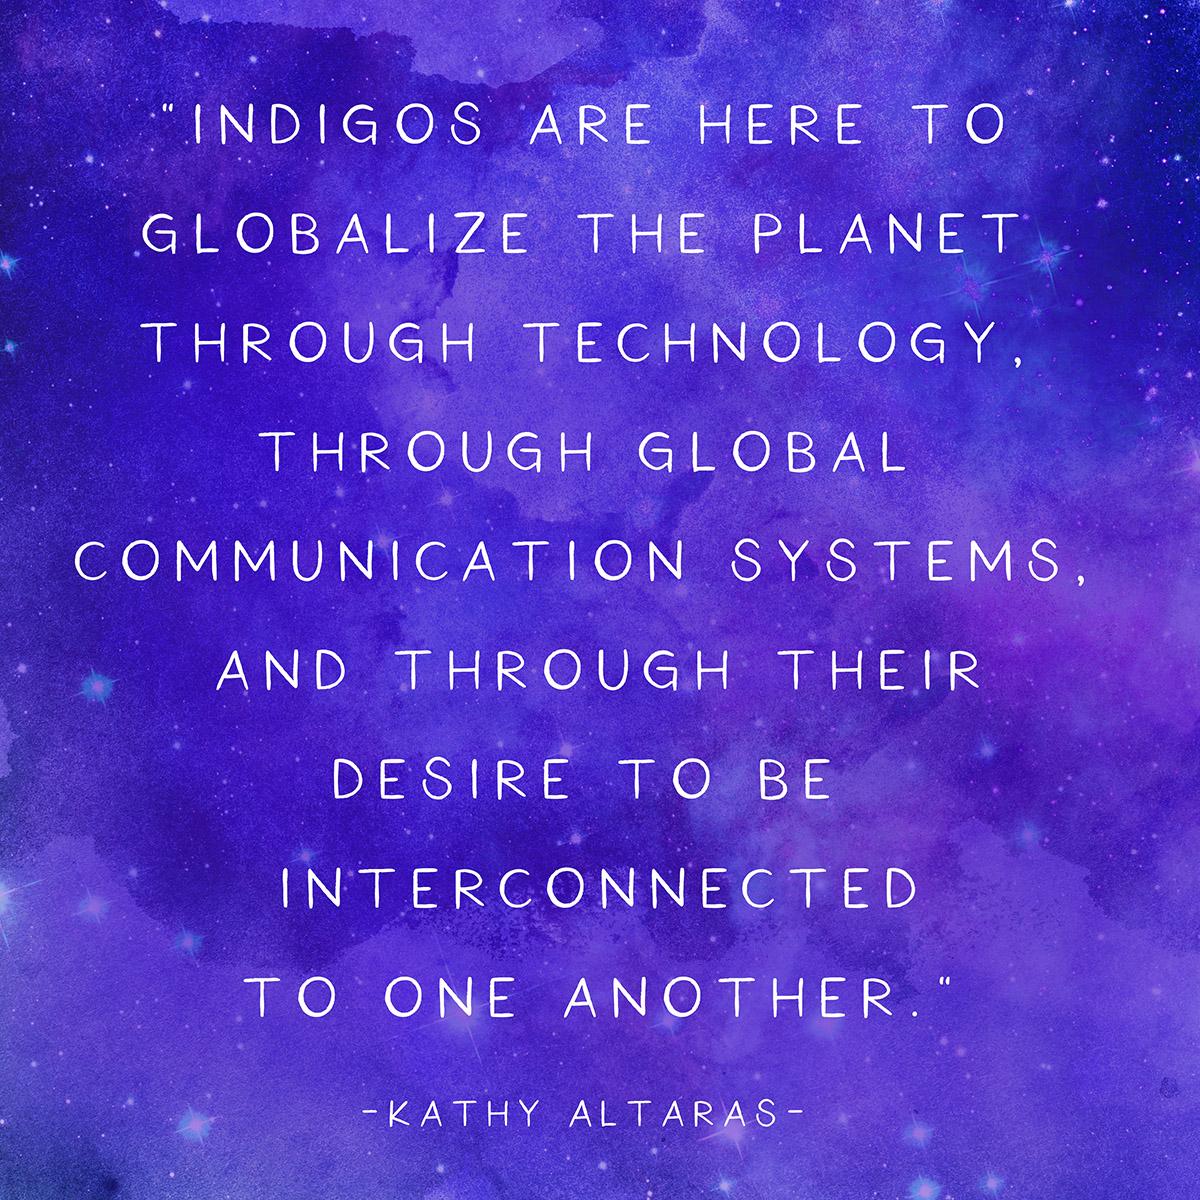 indigo-purpose-quote